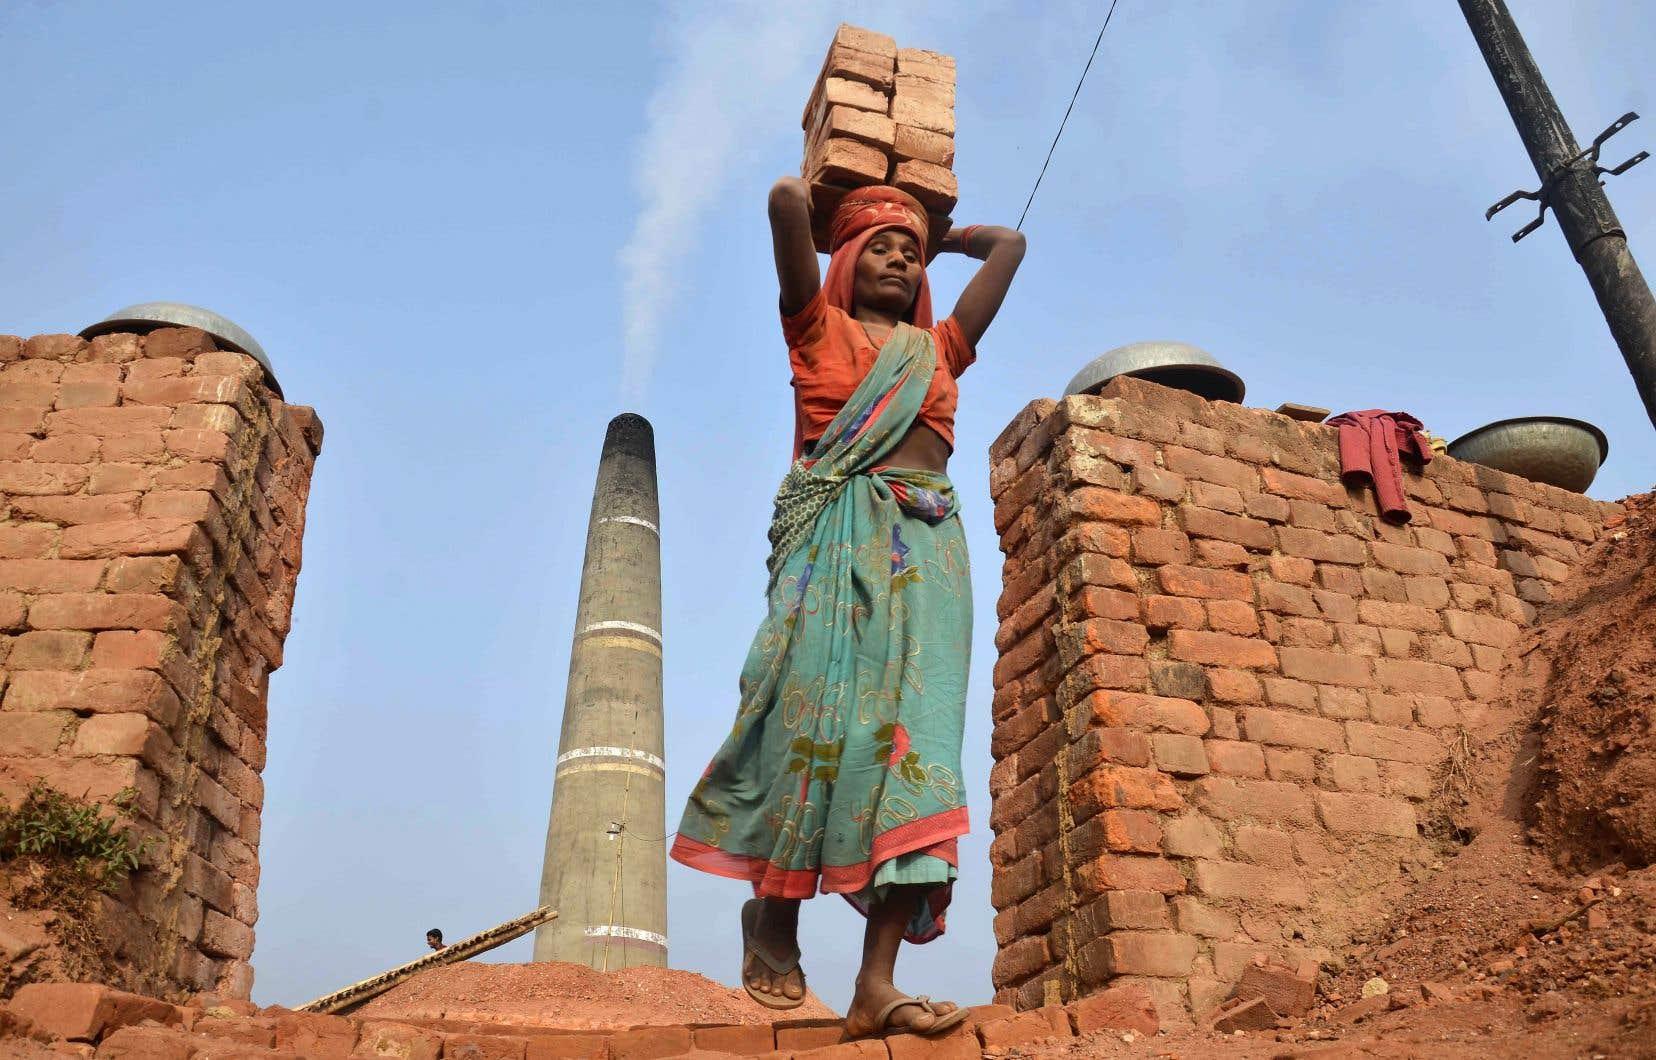 Plus de 75% des femmes d'Afrique et d'Asie travaillent dans le secteur informel sans la moindre protection sociale, rappelle l'auteure.